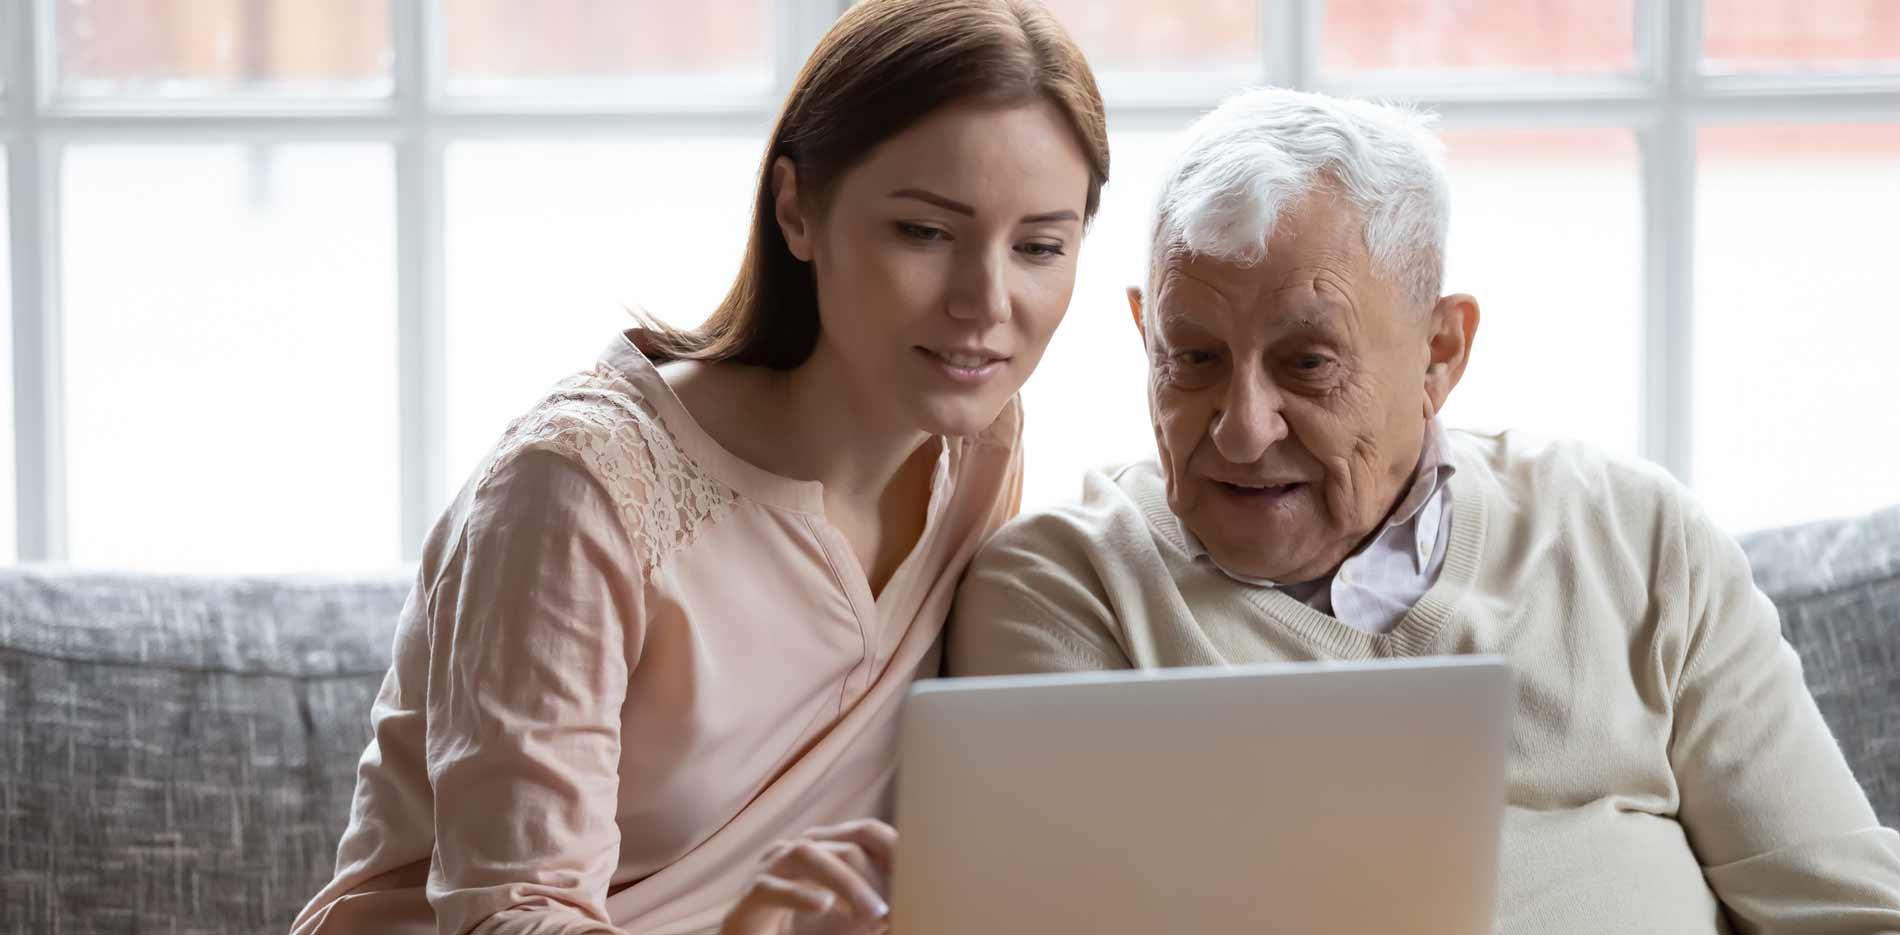 Les divers avantages de se loger dans une résidence senior avec services